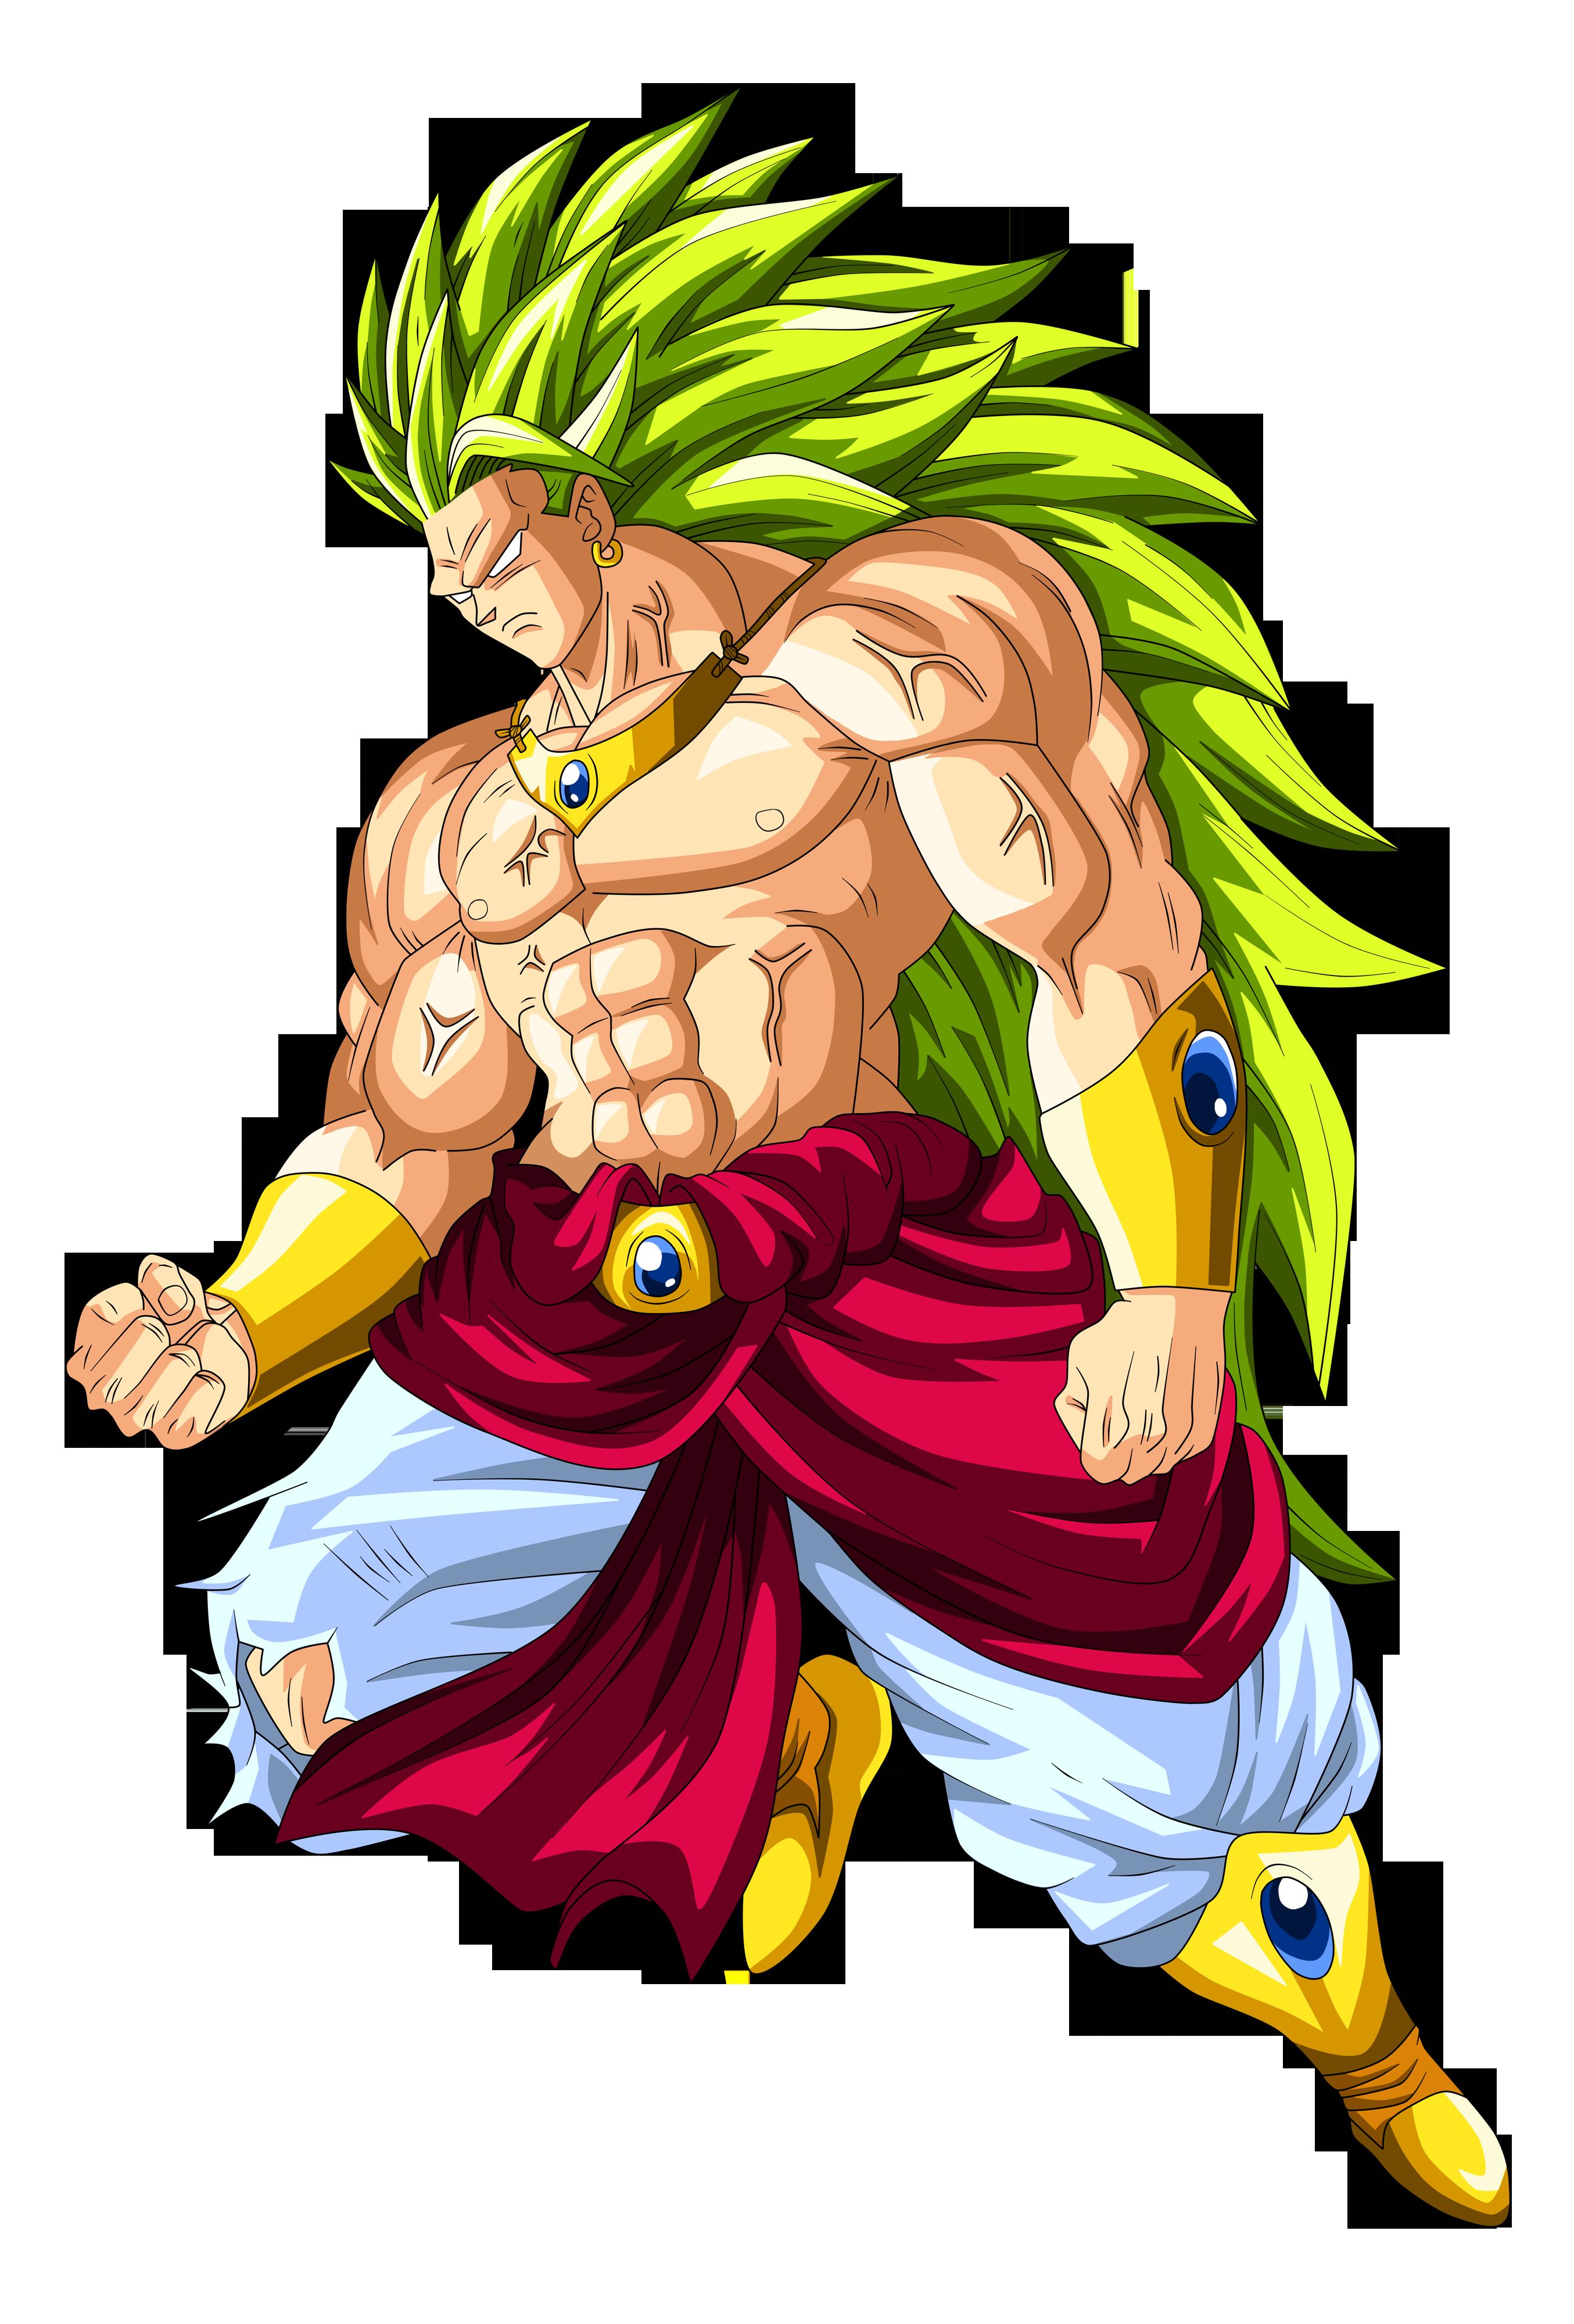 Broly Super Saiyan 3 by Goku-Kakarot on DeviantArt